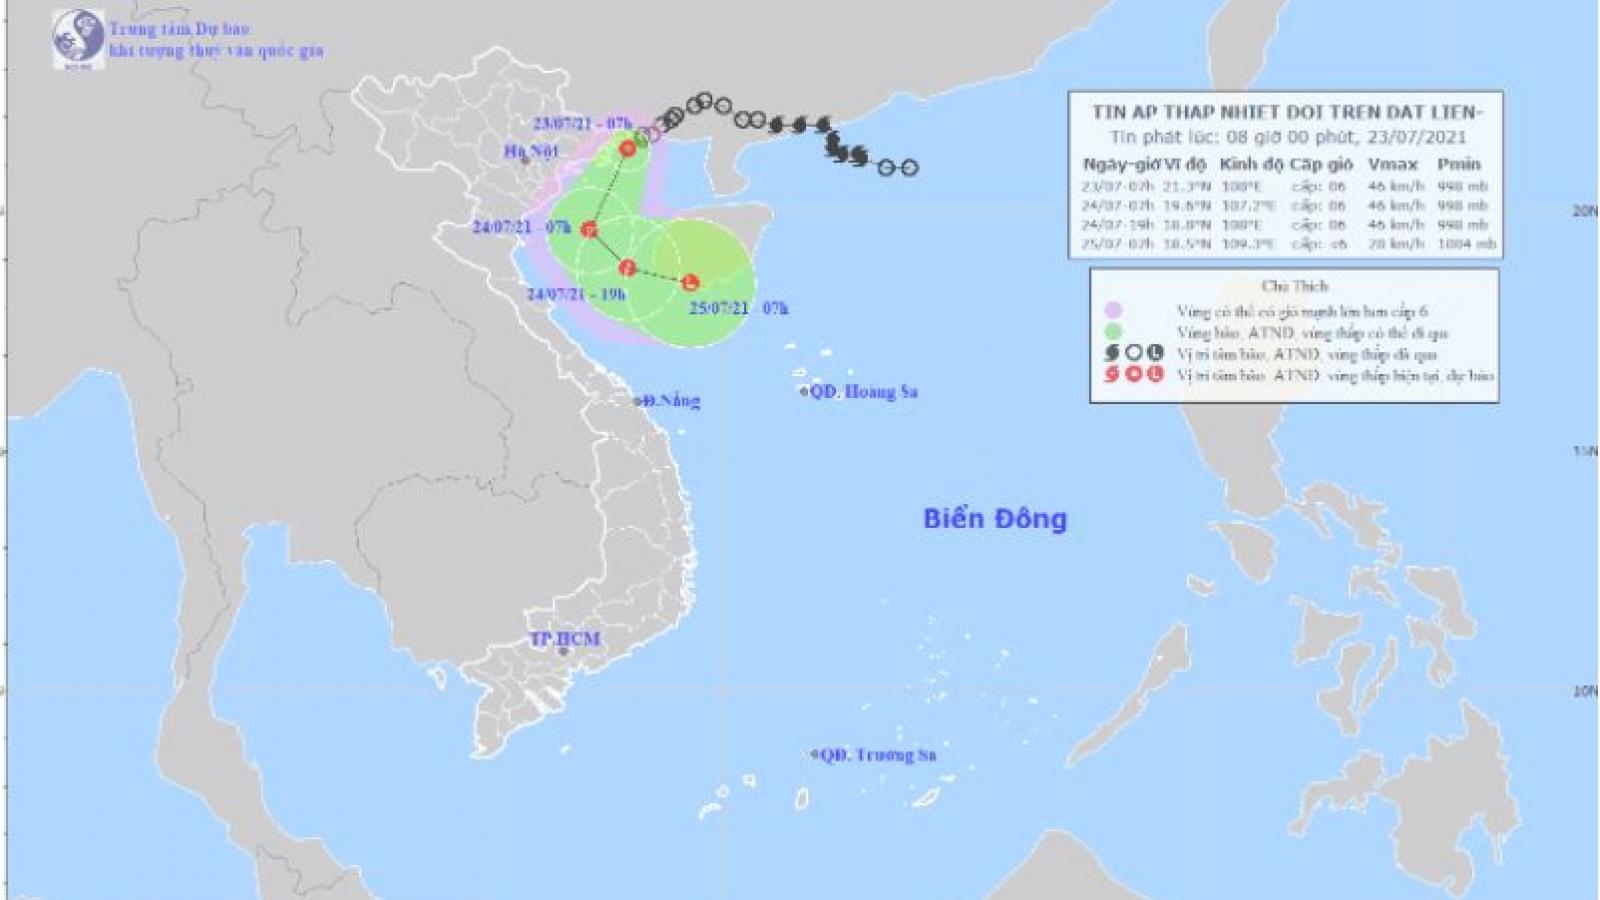 Áp thấp nhiệt đới đang trên vùng biển phía Bắc Quảng Ninh, giật cấp 8